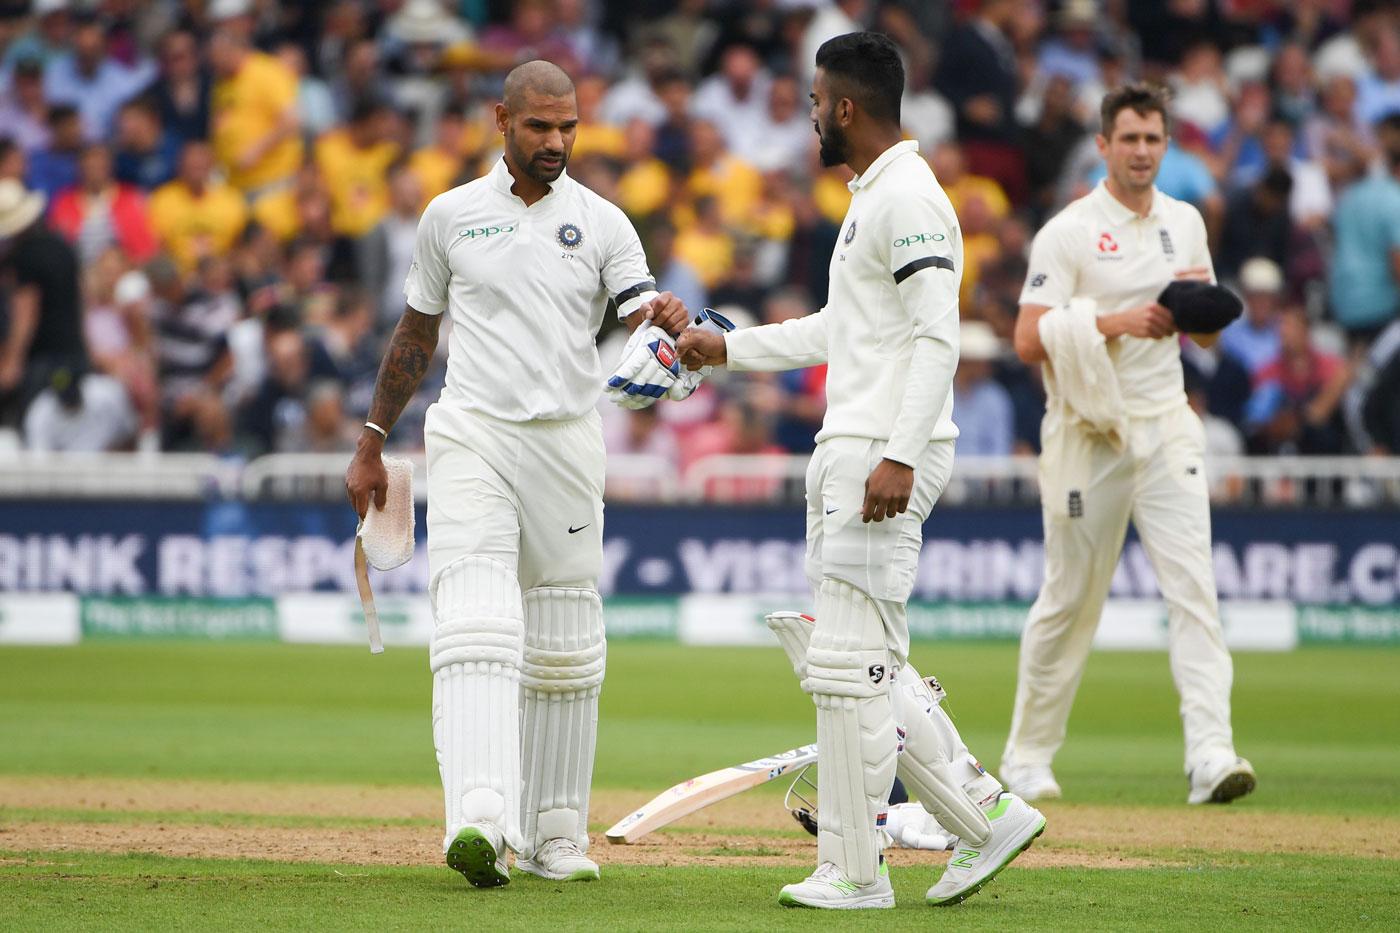 England vs India, Sanjay Bangar